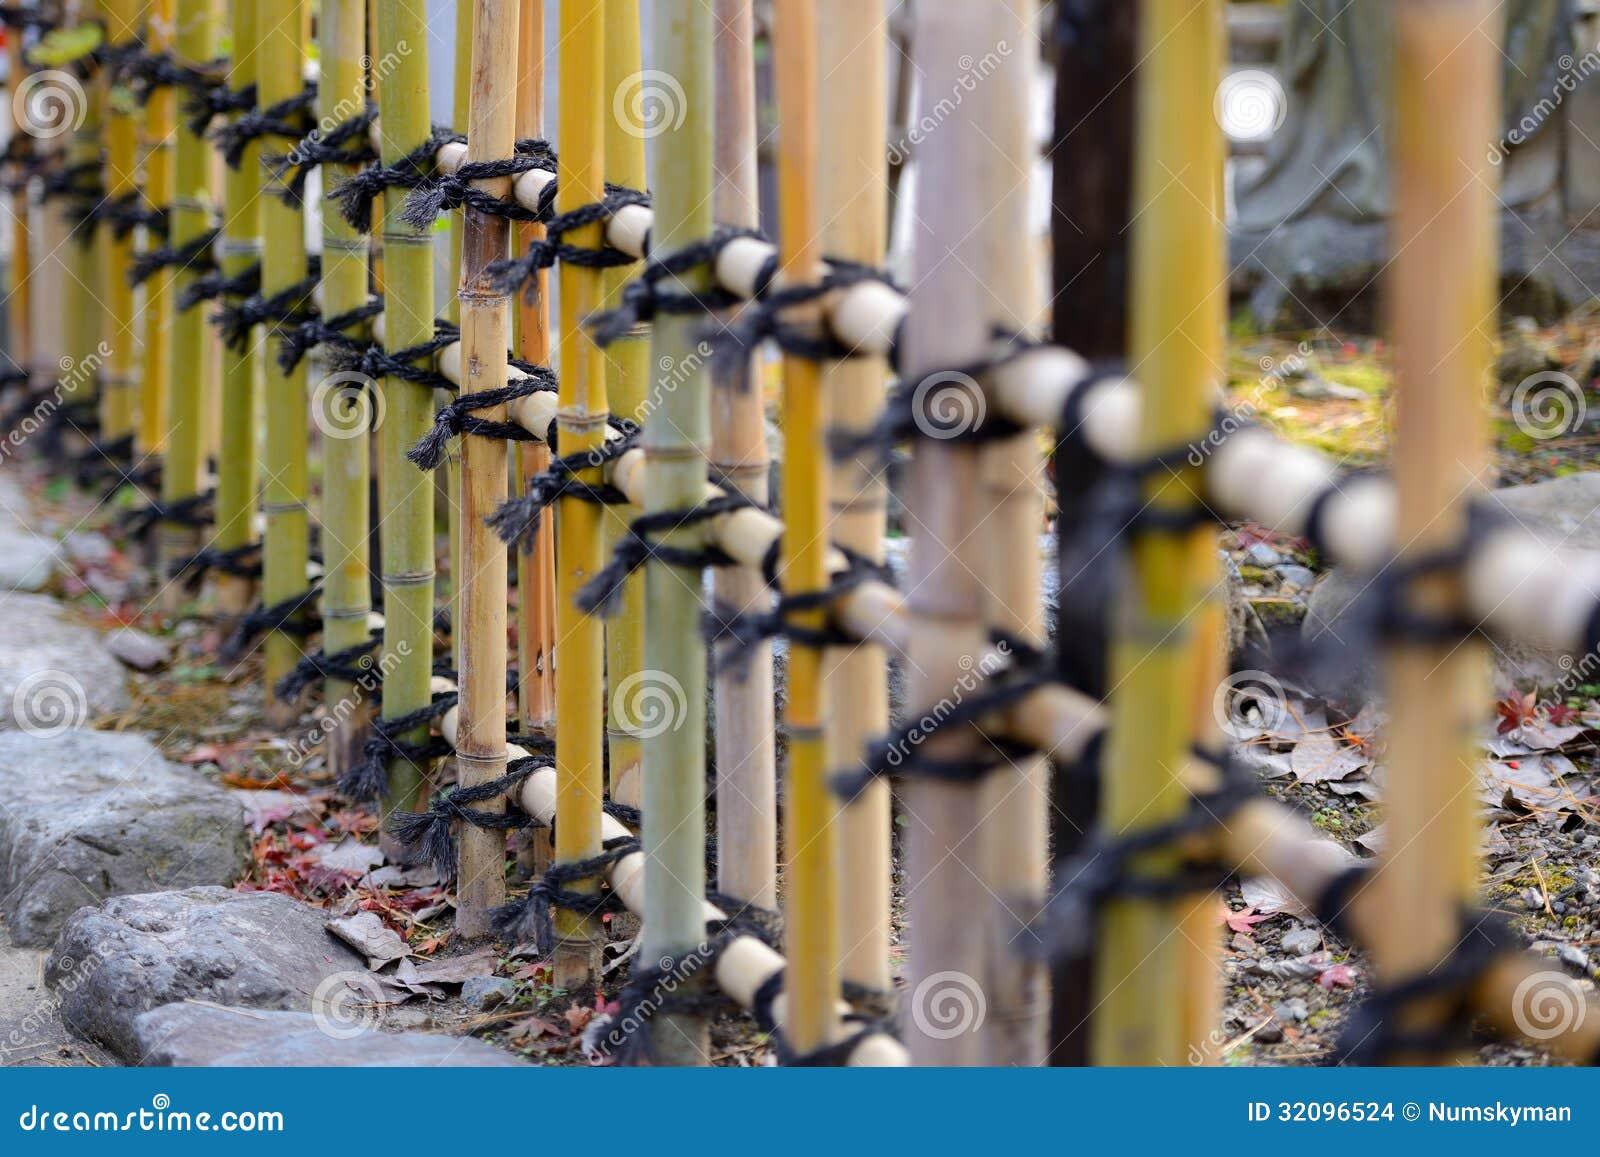 Japanese style bamboo fences stock images image 32096524